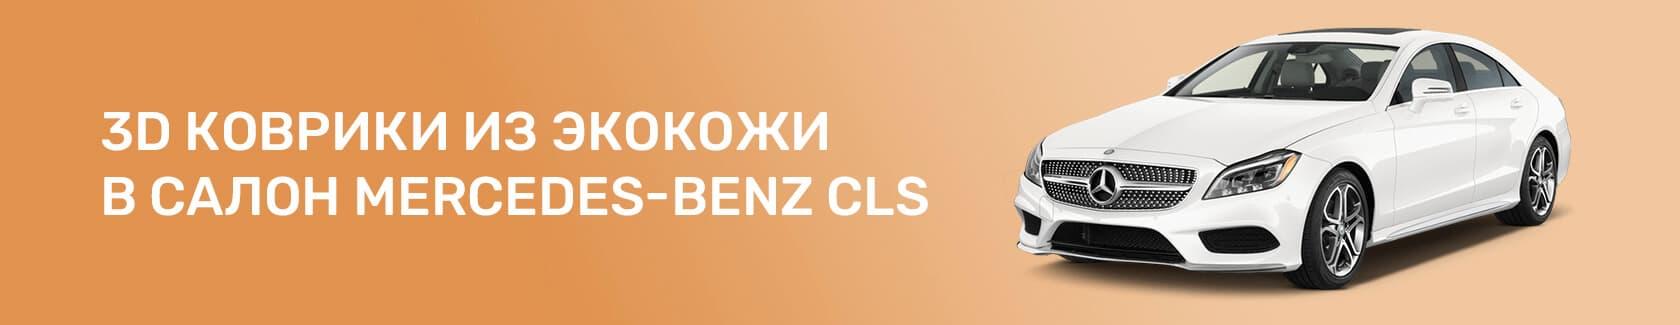 3D-коврики из экокожи в салон Mercedes Benz CLS